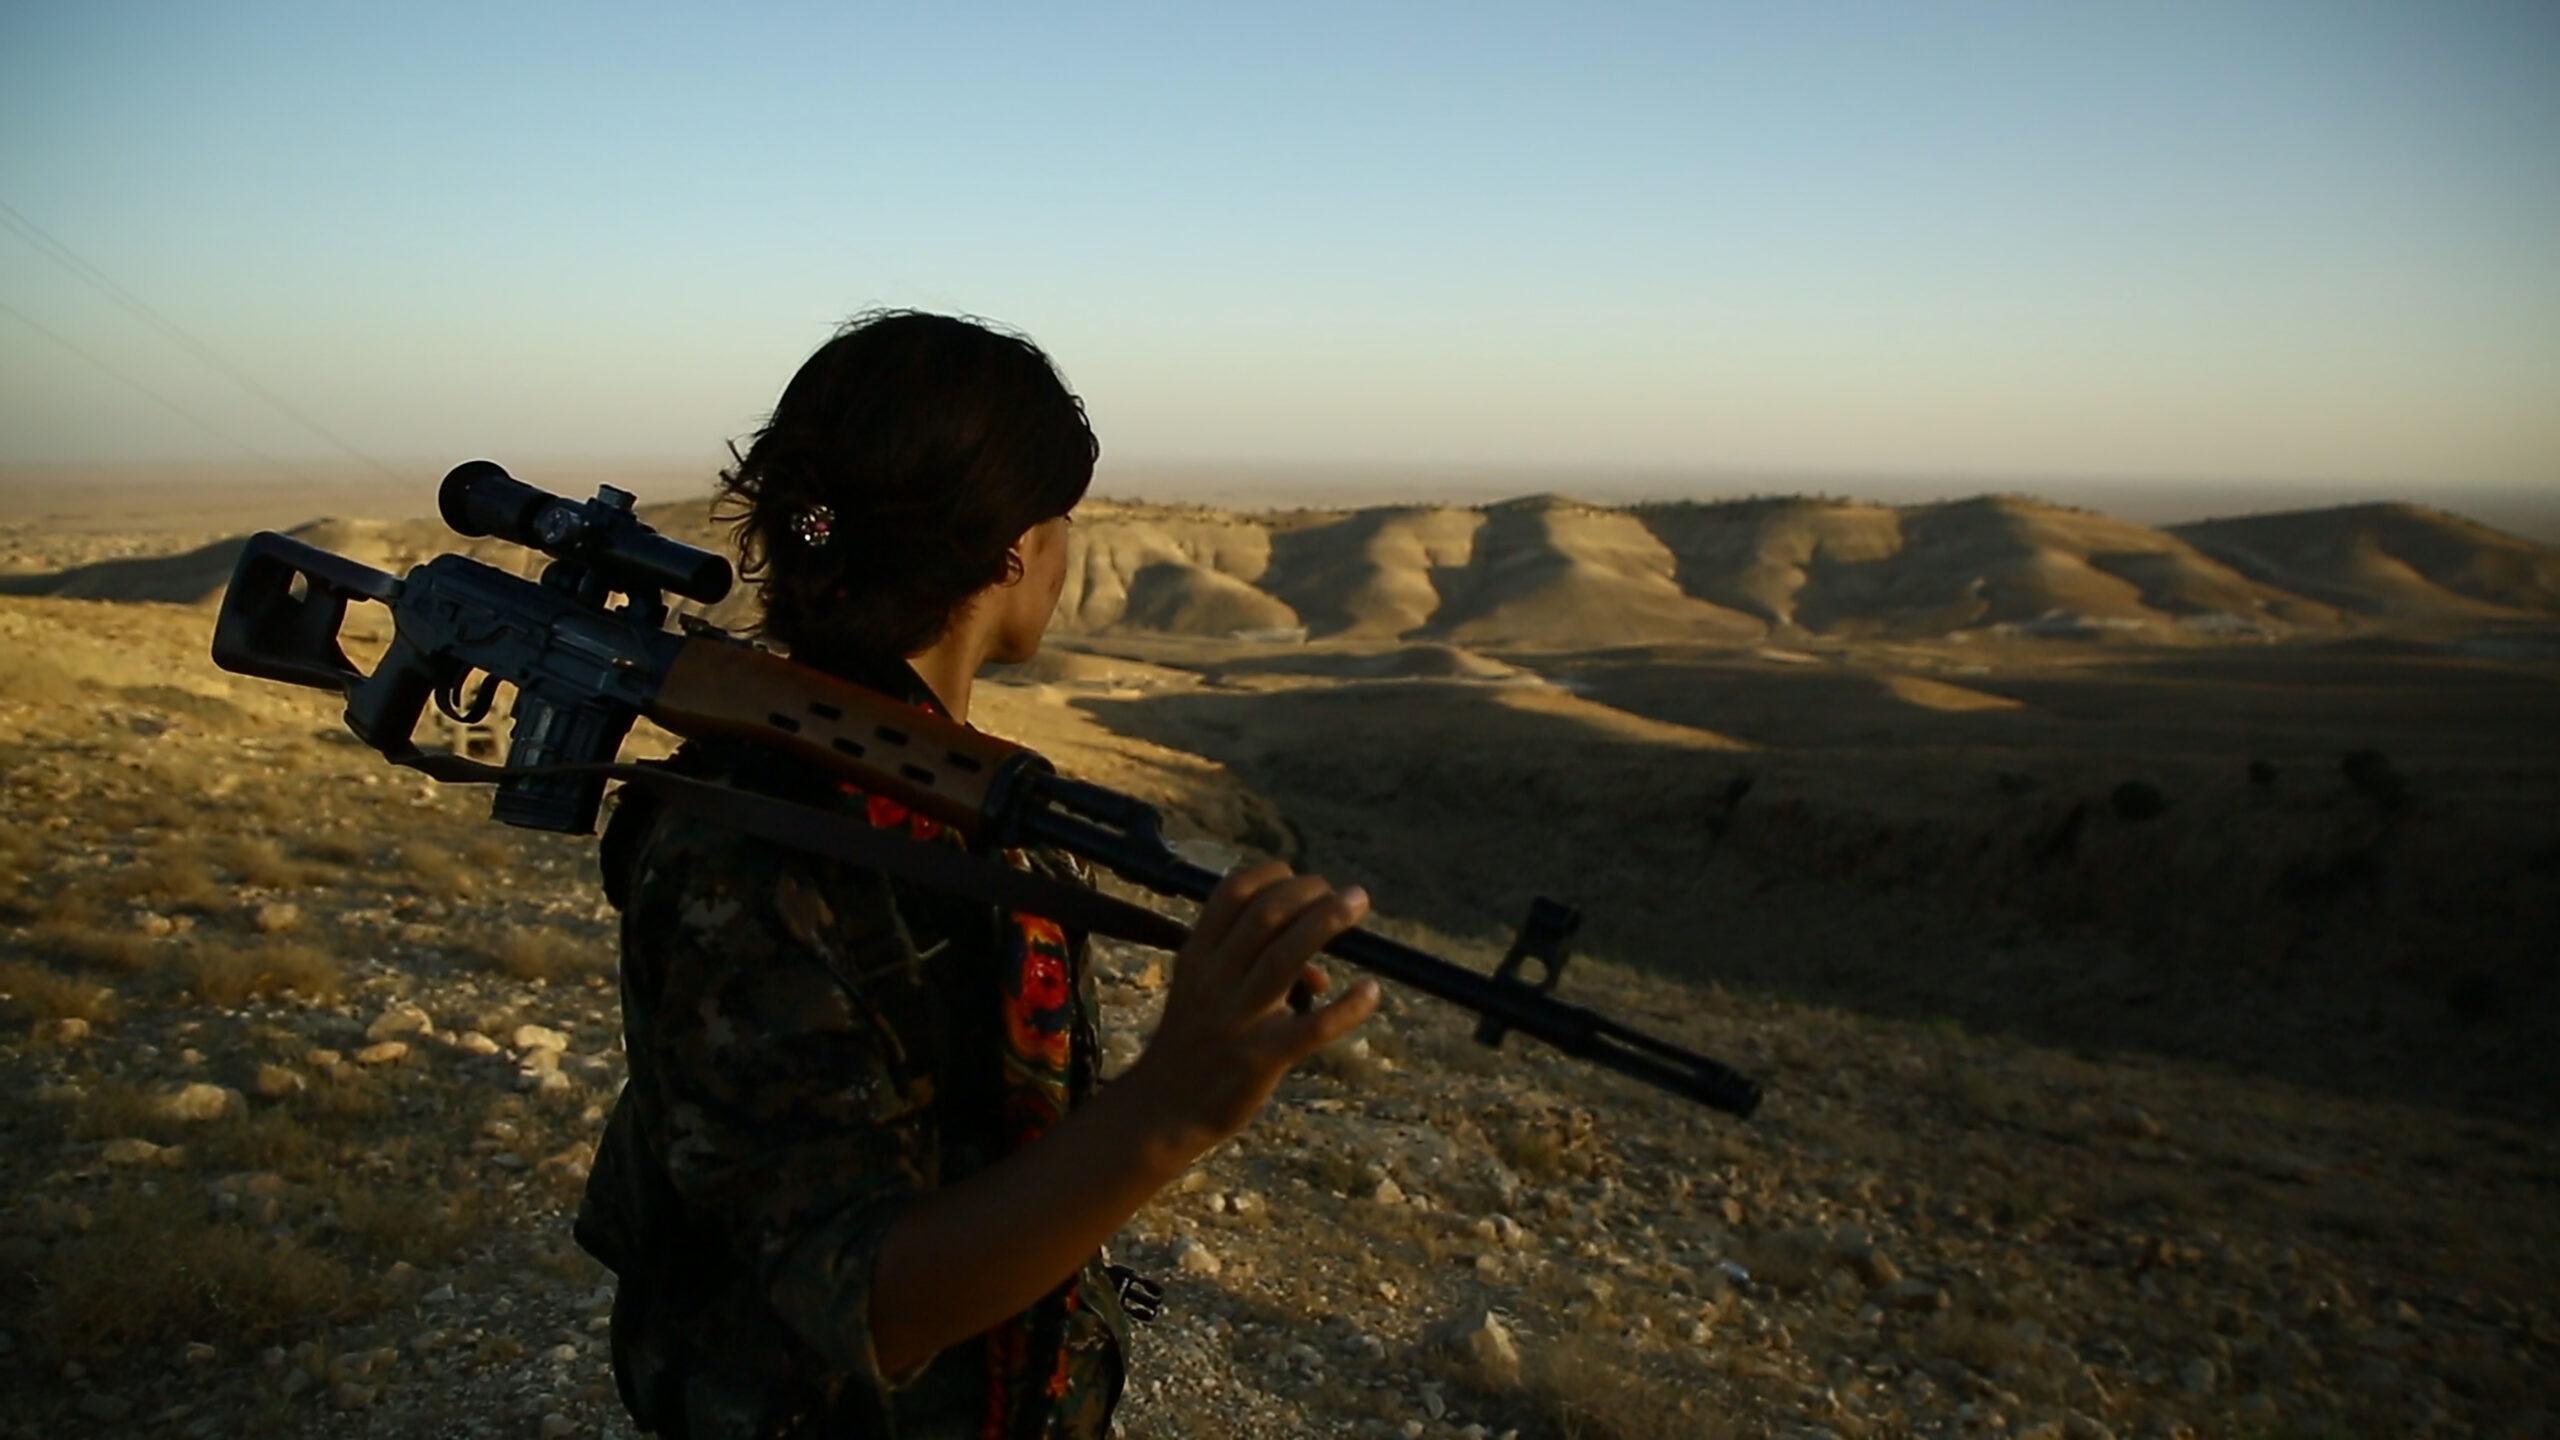 Film still yazidi woman